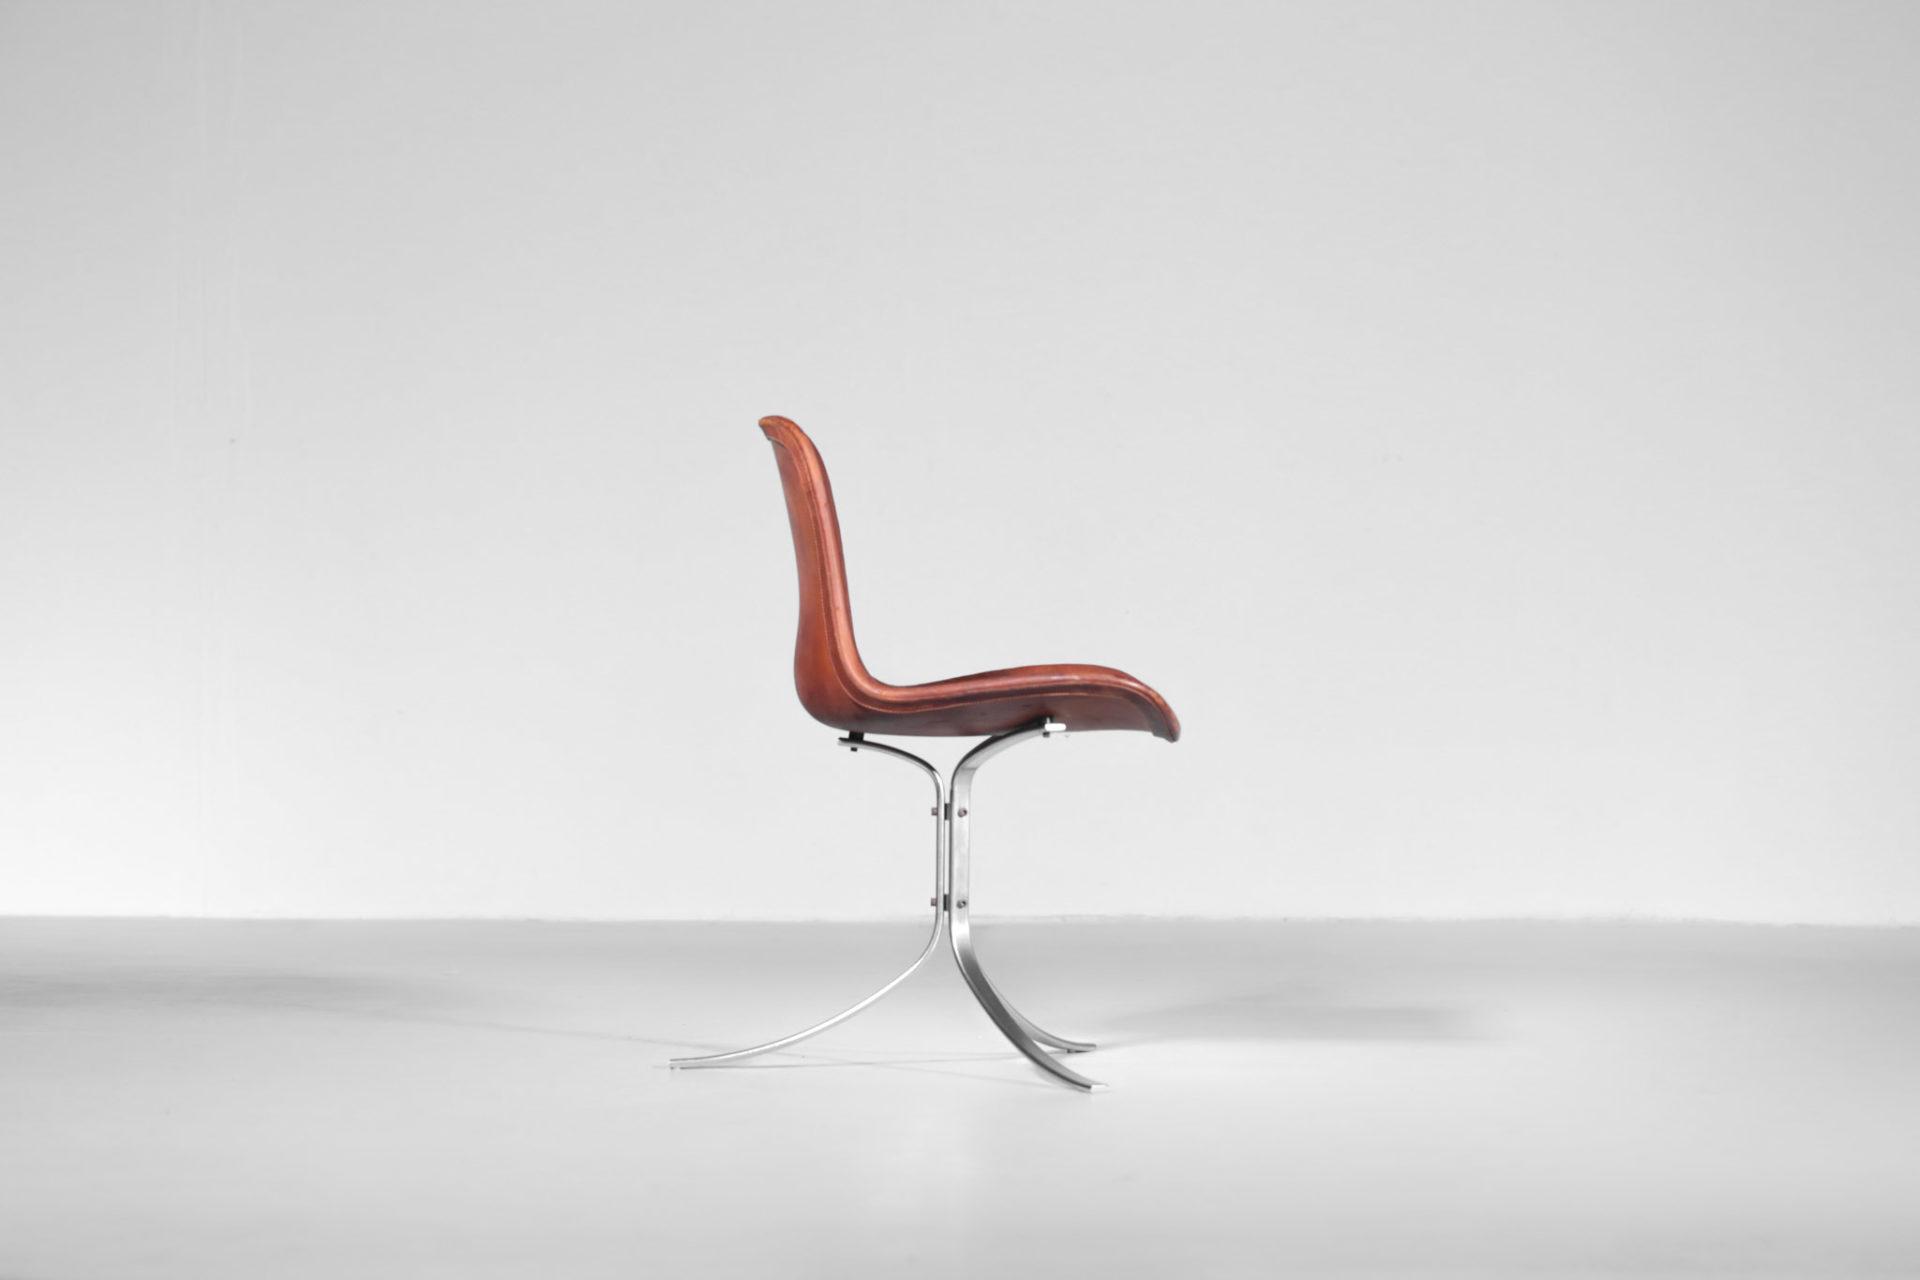 Poul Kjaerholm PK9 chaise design kold Christensen 23